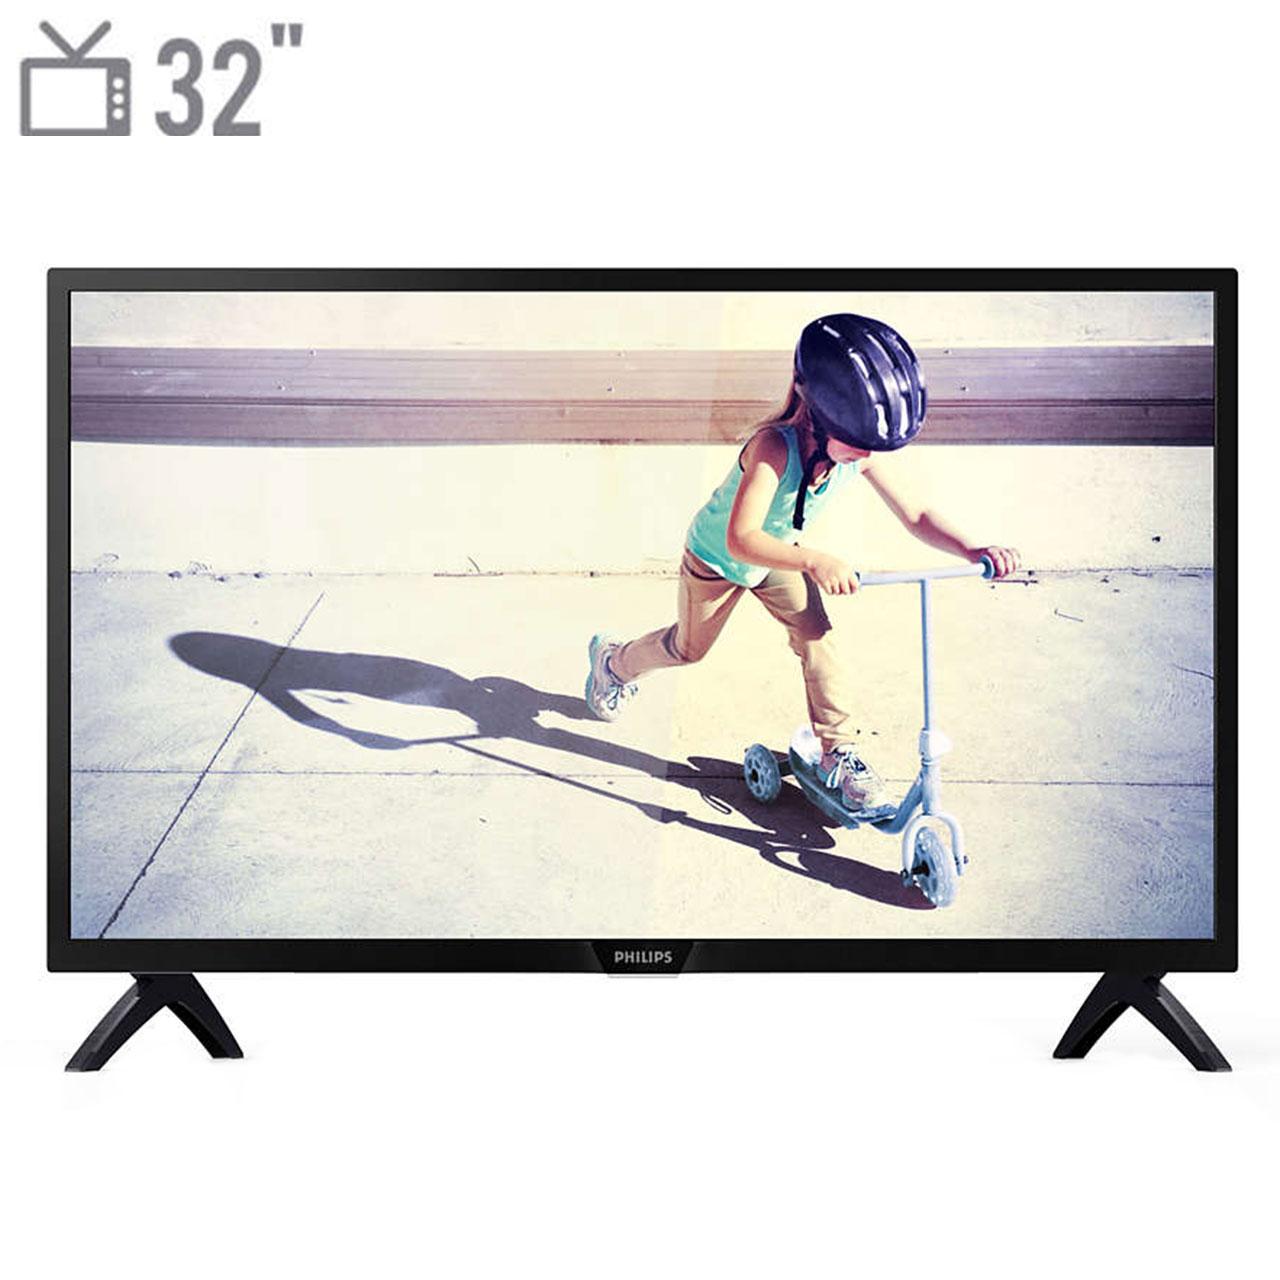 خرید اینترنتی                     تلویزیون فیلیپس مدل 32pht4002 سایز 32 اینچ